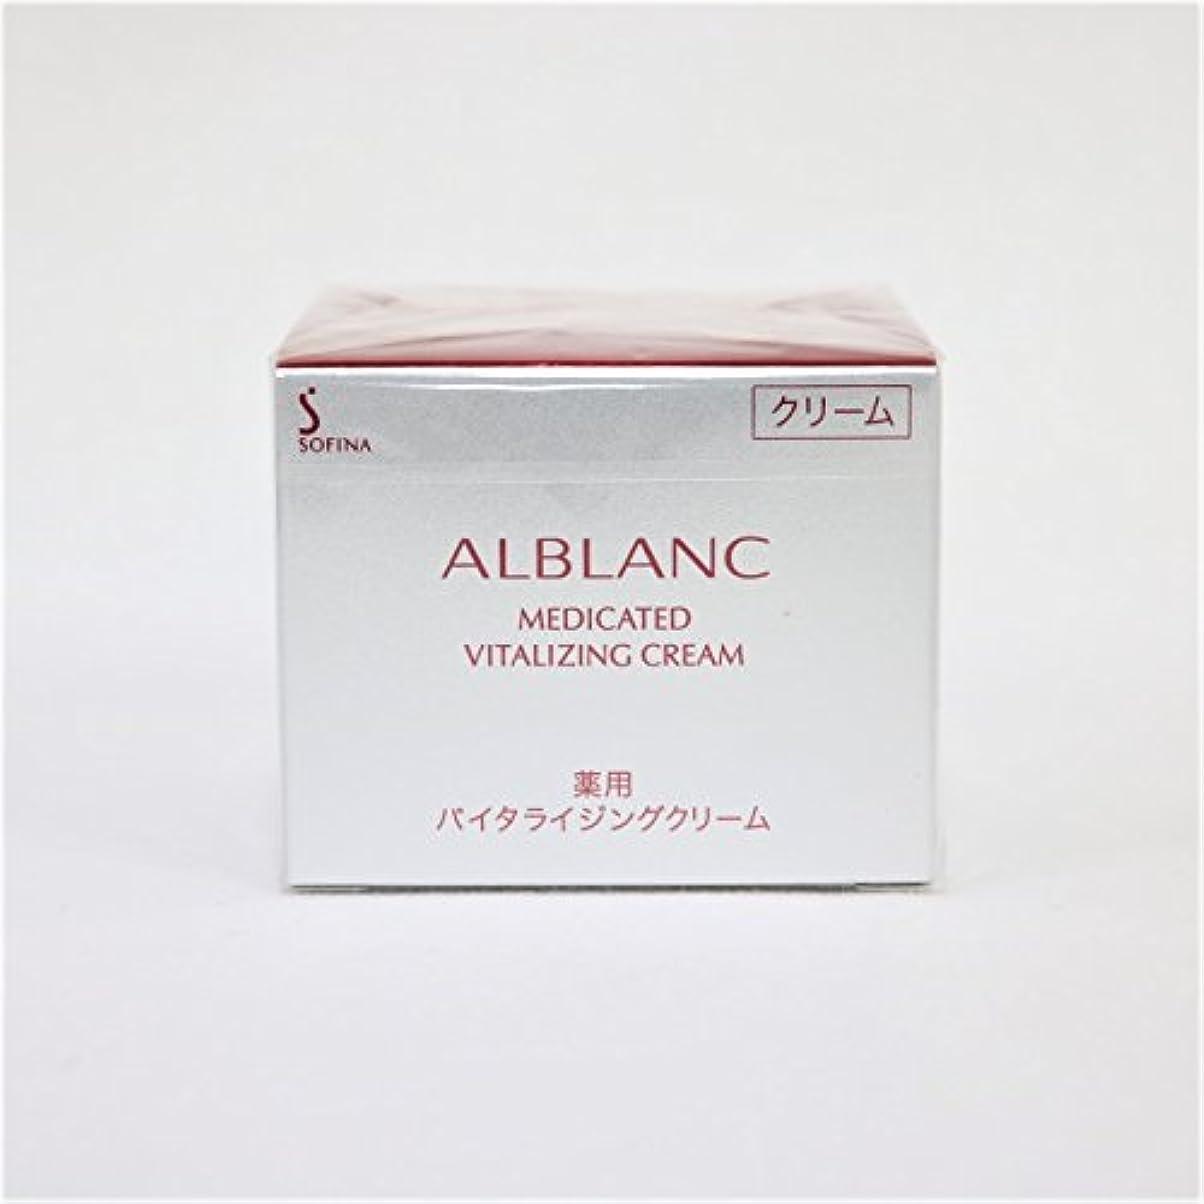 溶けた家主課すソフィーナ アルブラン 薬用バイタライジングクリーム 40g